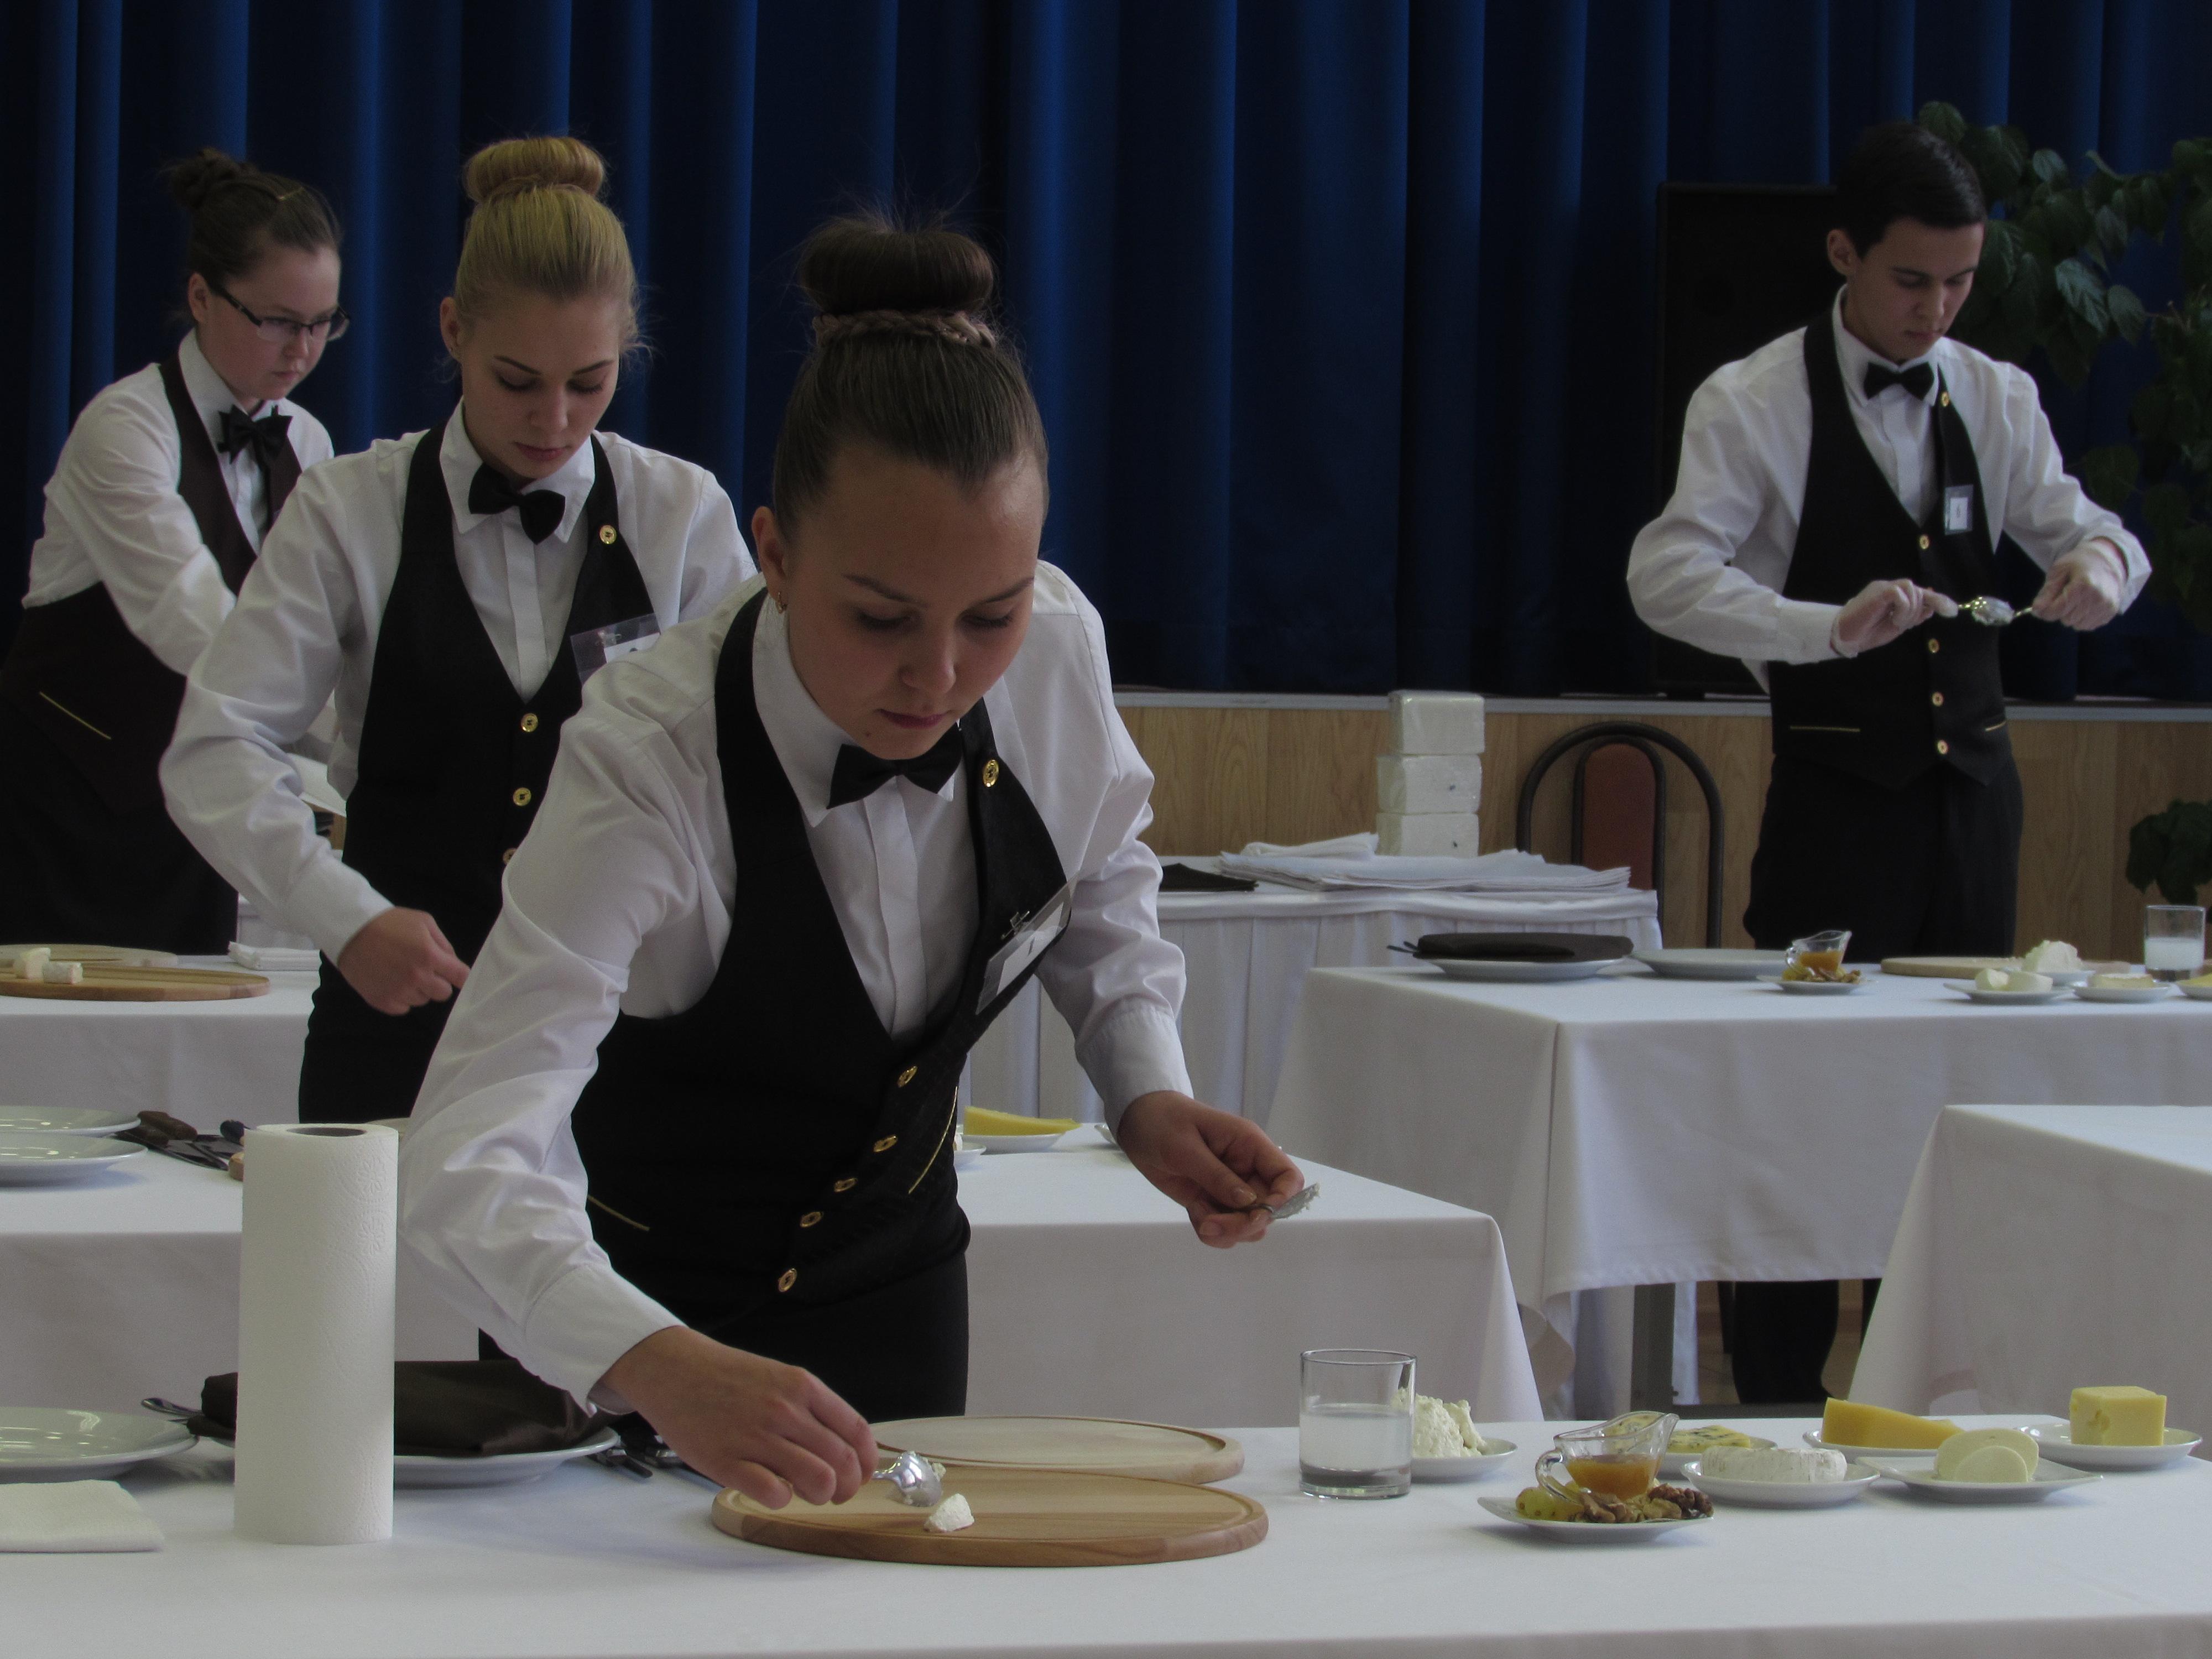 Чебоксарский техникум технологии питания и коммерции получил статус Специализированного центра компетенций, аккредитованного по стандартам WorldSkills, по компетенции «Ресторанный сервис».